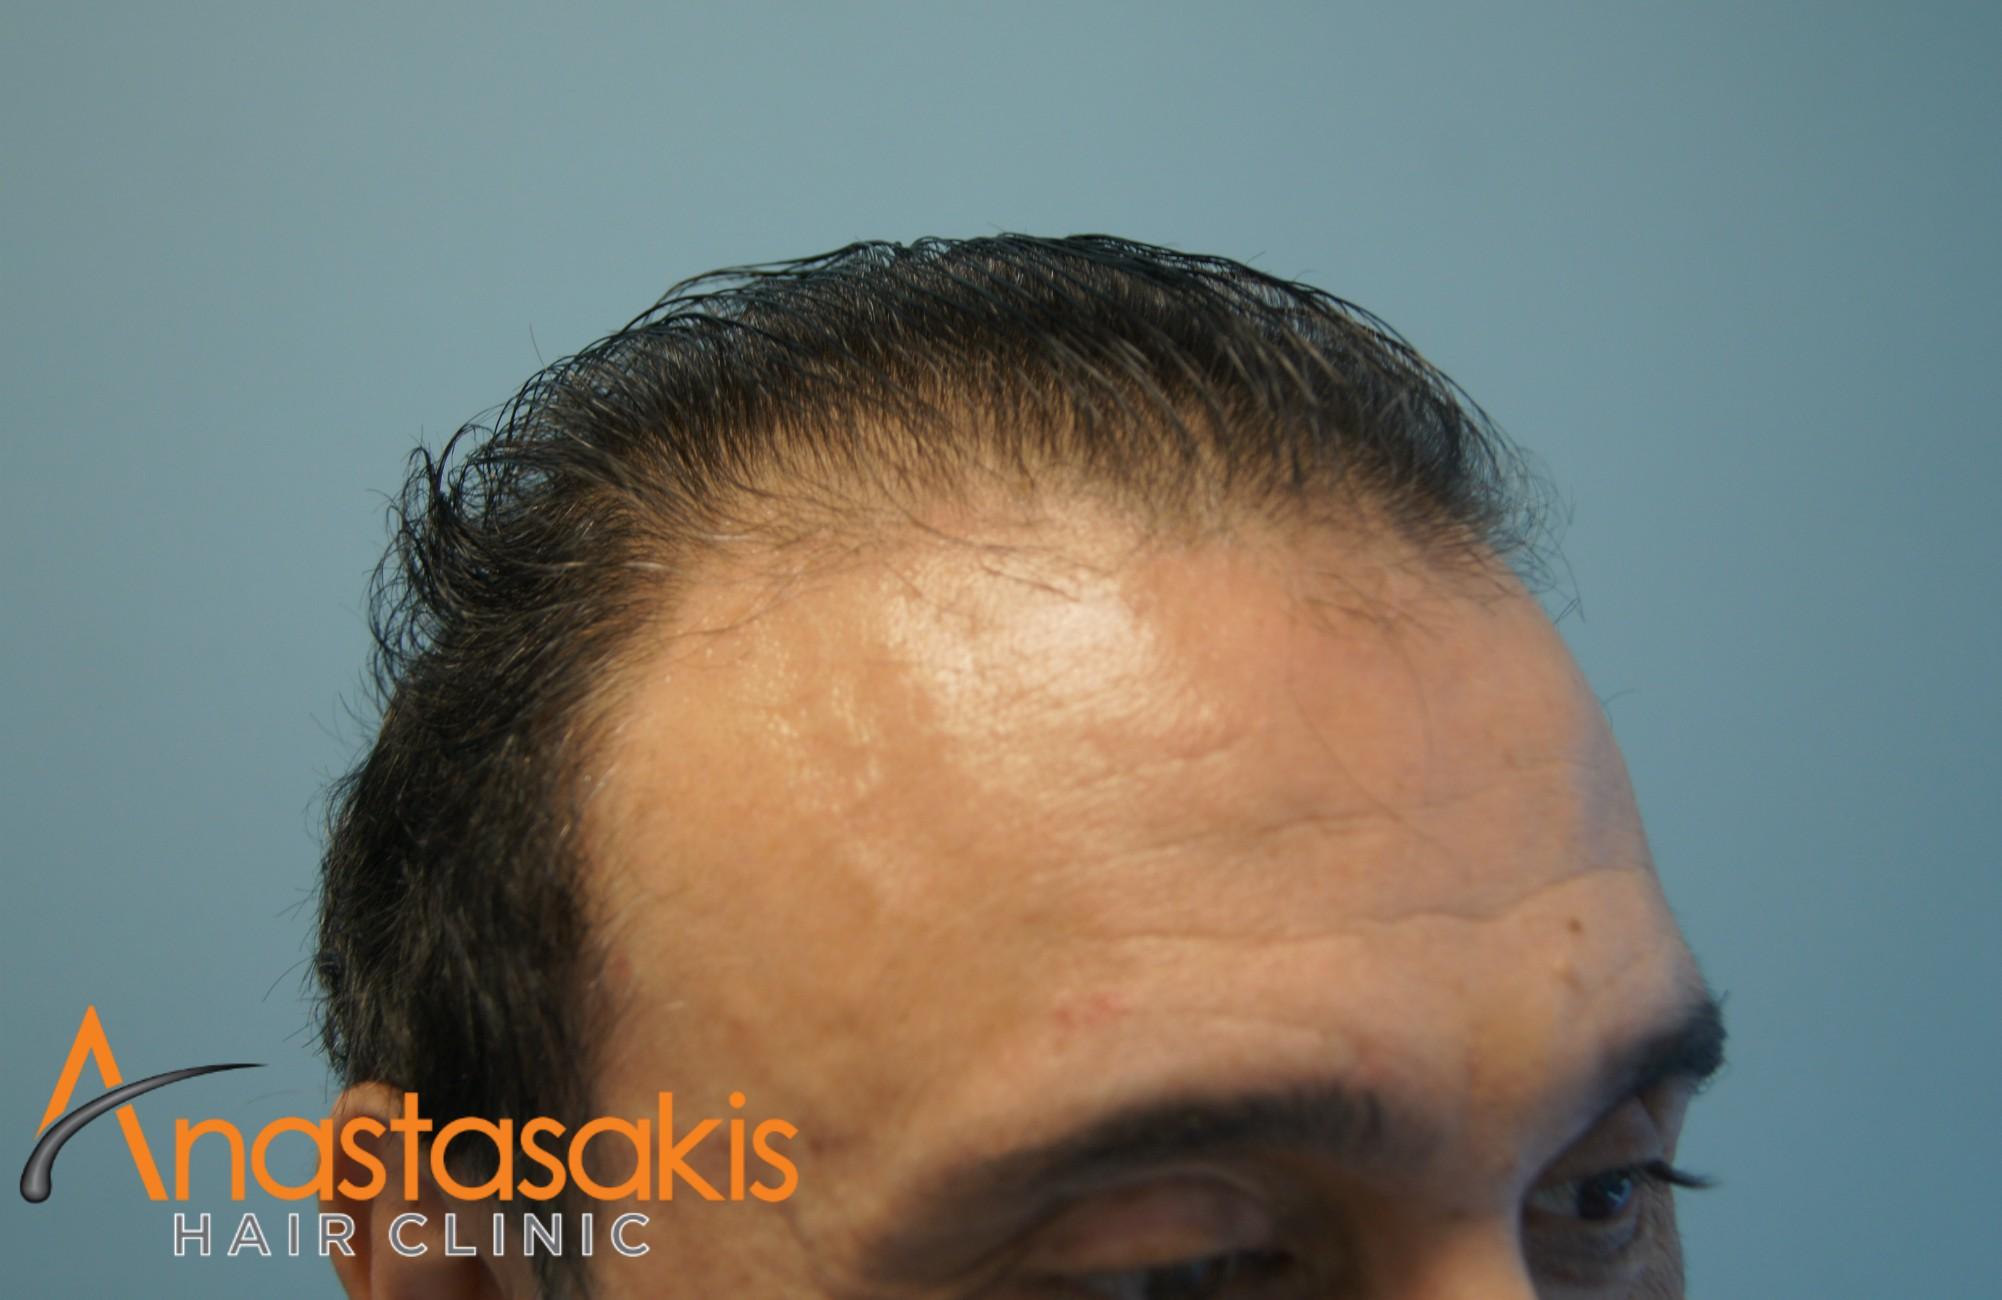 δεξι προφιλ αλεκος ζαζοπουλος πριν τη μεταμοσχευση μαλλιων με 2500 fus